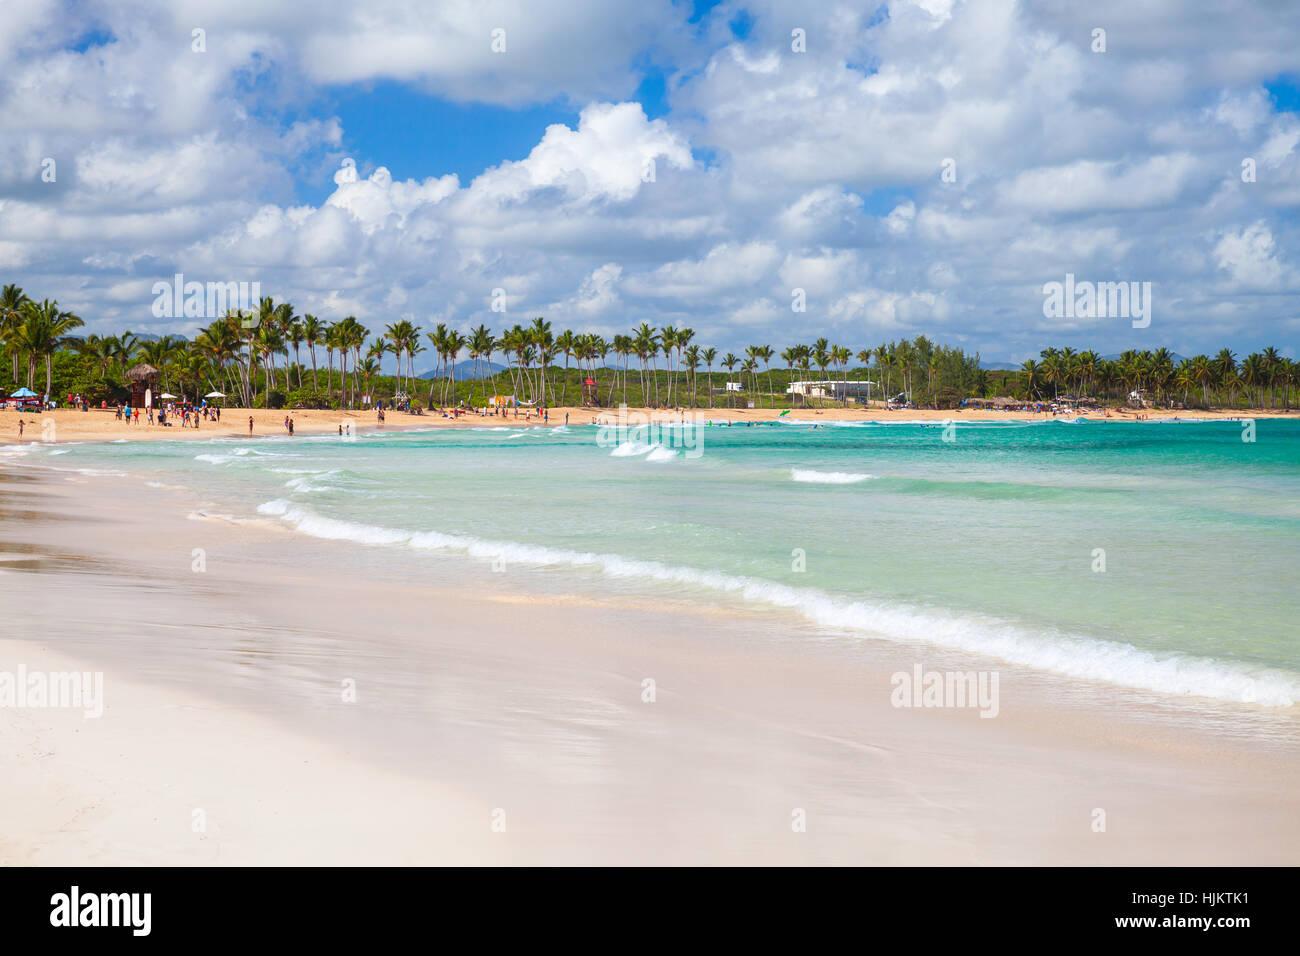 Paisaje de playa de Macao, el popular complejo turístico de República Dominicana, Isla Hispaniola Imagen De Stock